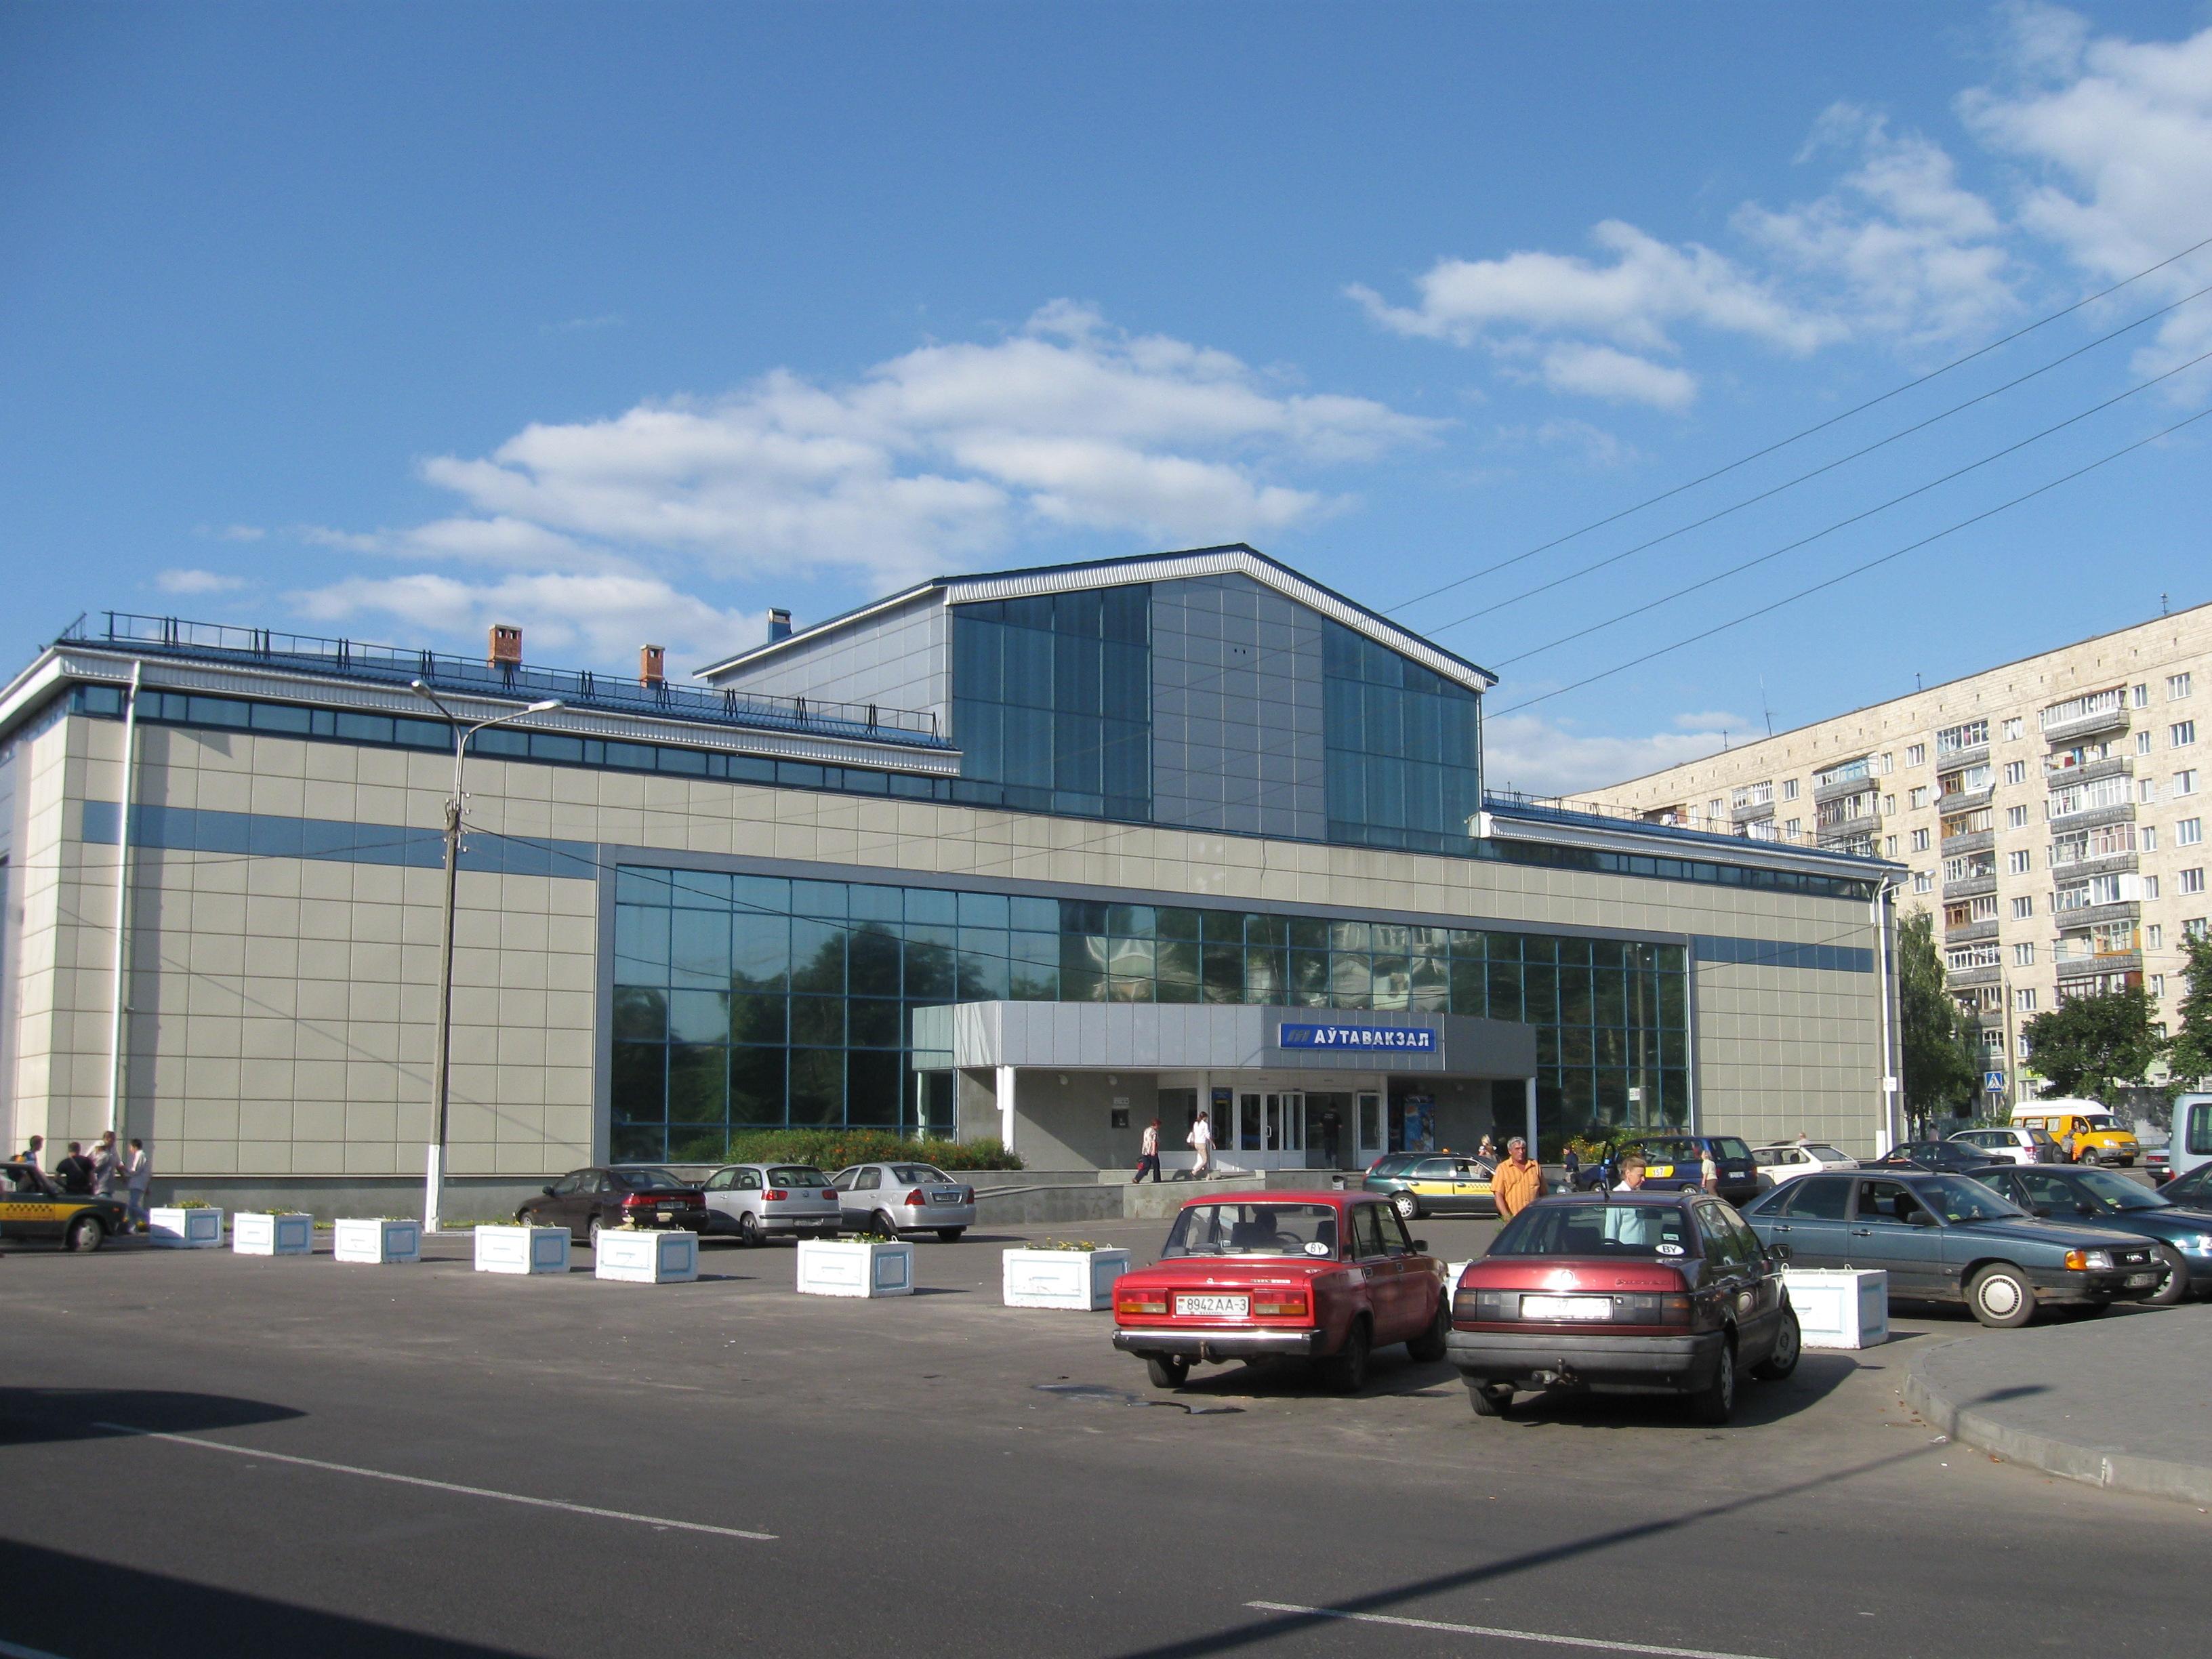 Гомельский автовокзал и Минсктранс отменили рейсы до Киева